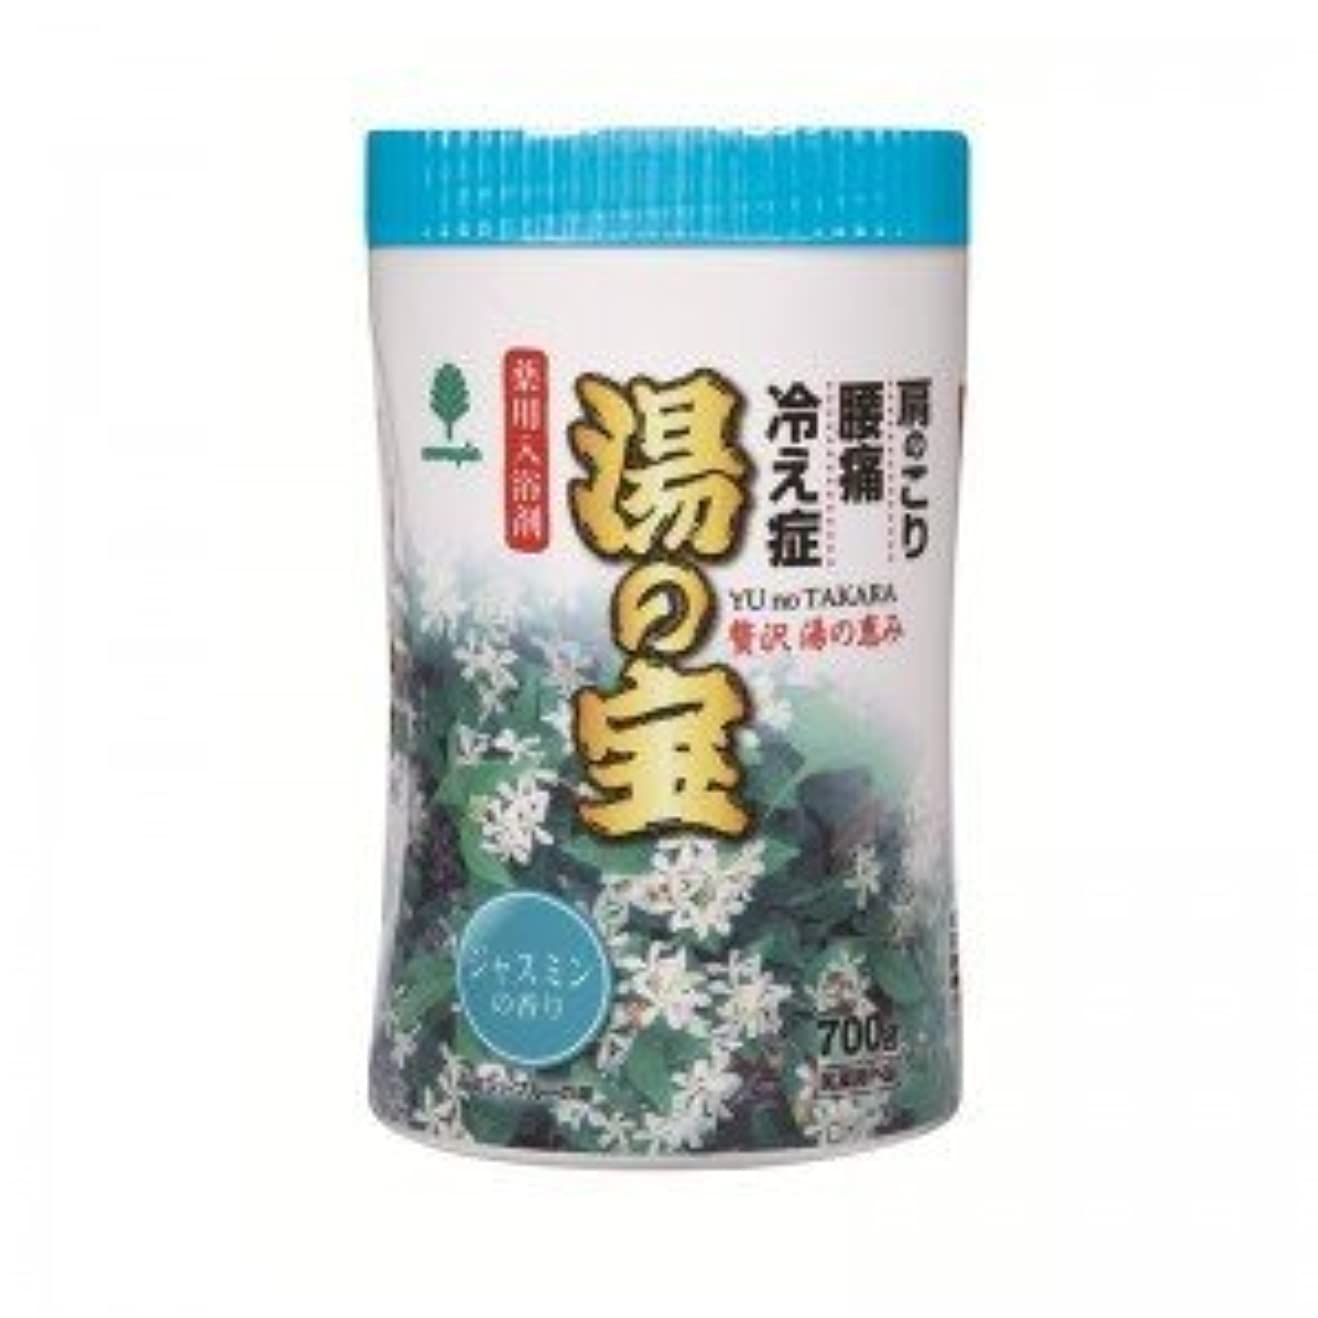 アベニュー単独で予感紀陽除虫菊 湯の宝 ジャスミンの香り (丸ボトル) 700g【まとめ買い15個セット】 N-0067